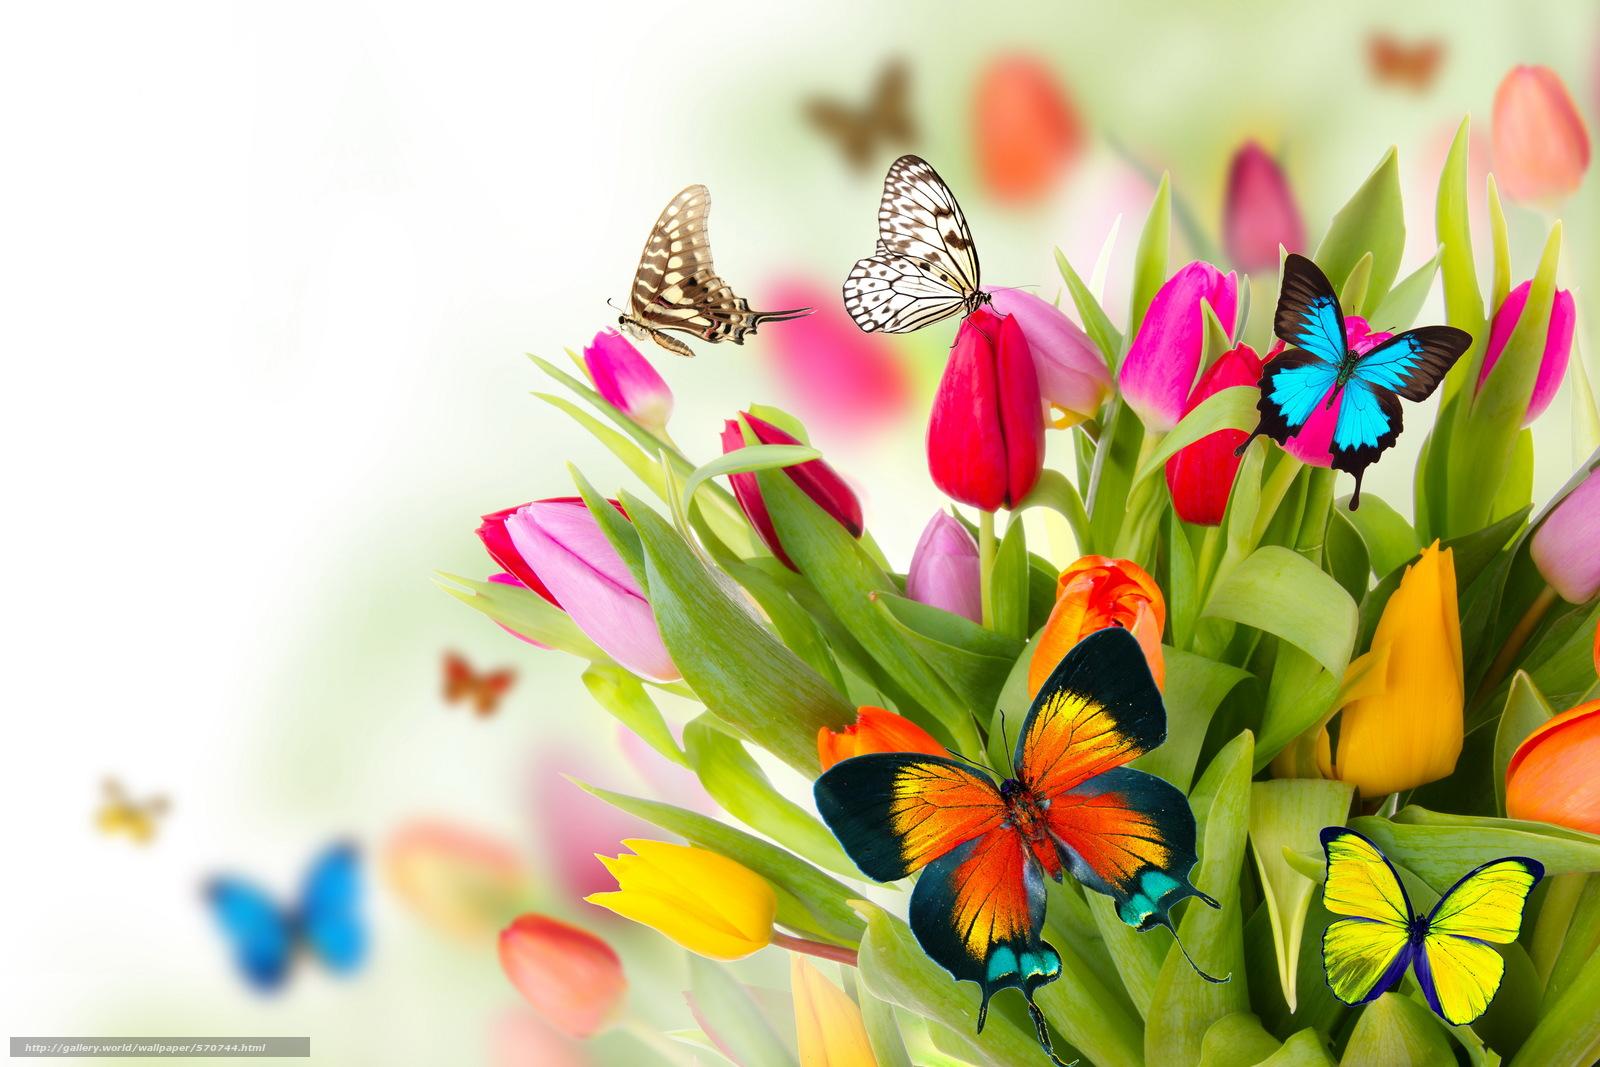 Scaricare gli sfondi primavera fiori farfalle tulipani for Immagini farfalle per desktop